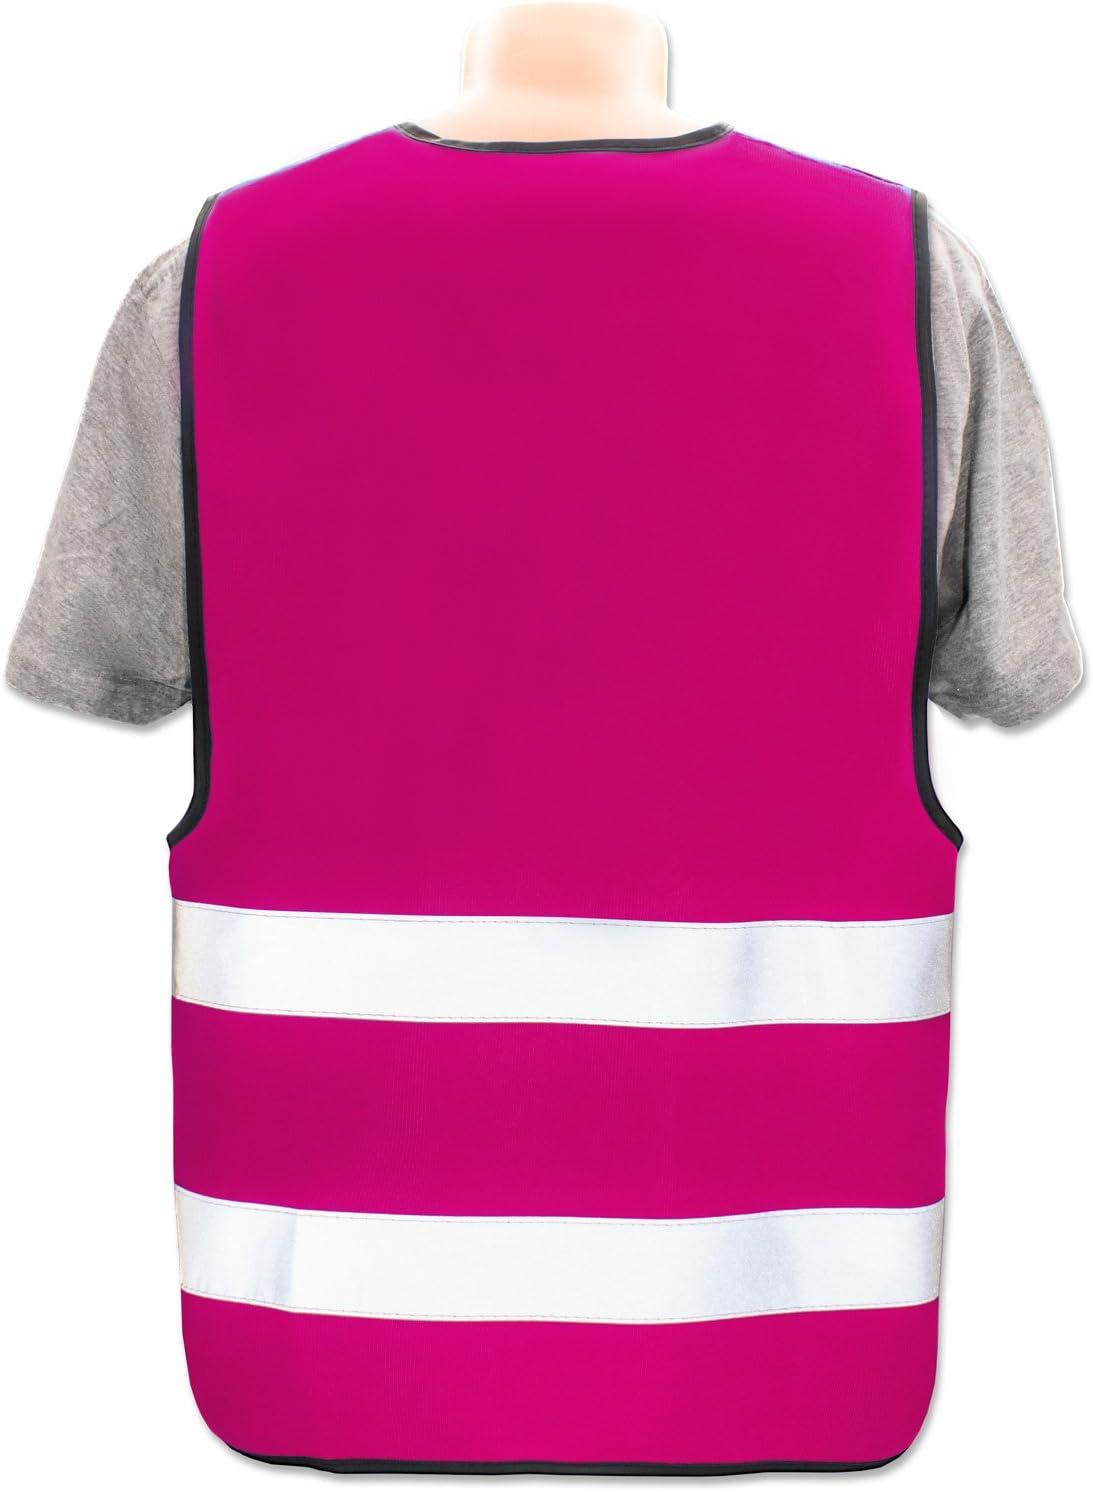 Farbe//Position:Pink//R/ücken 29 x 21 cm Menge:20 Warnwesten Pers/önliche Warnweste selbst gestalten mit eigenem Aufdruck * Bedruckt mit Name Text Bild Logo Firma